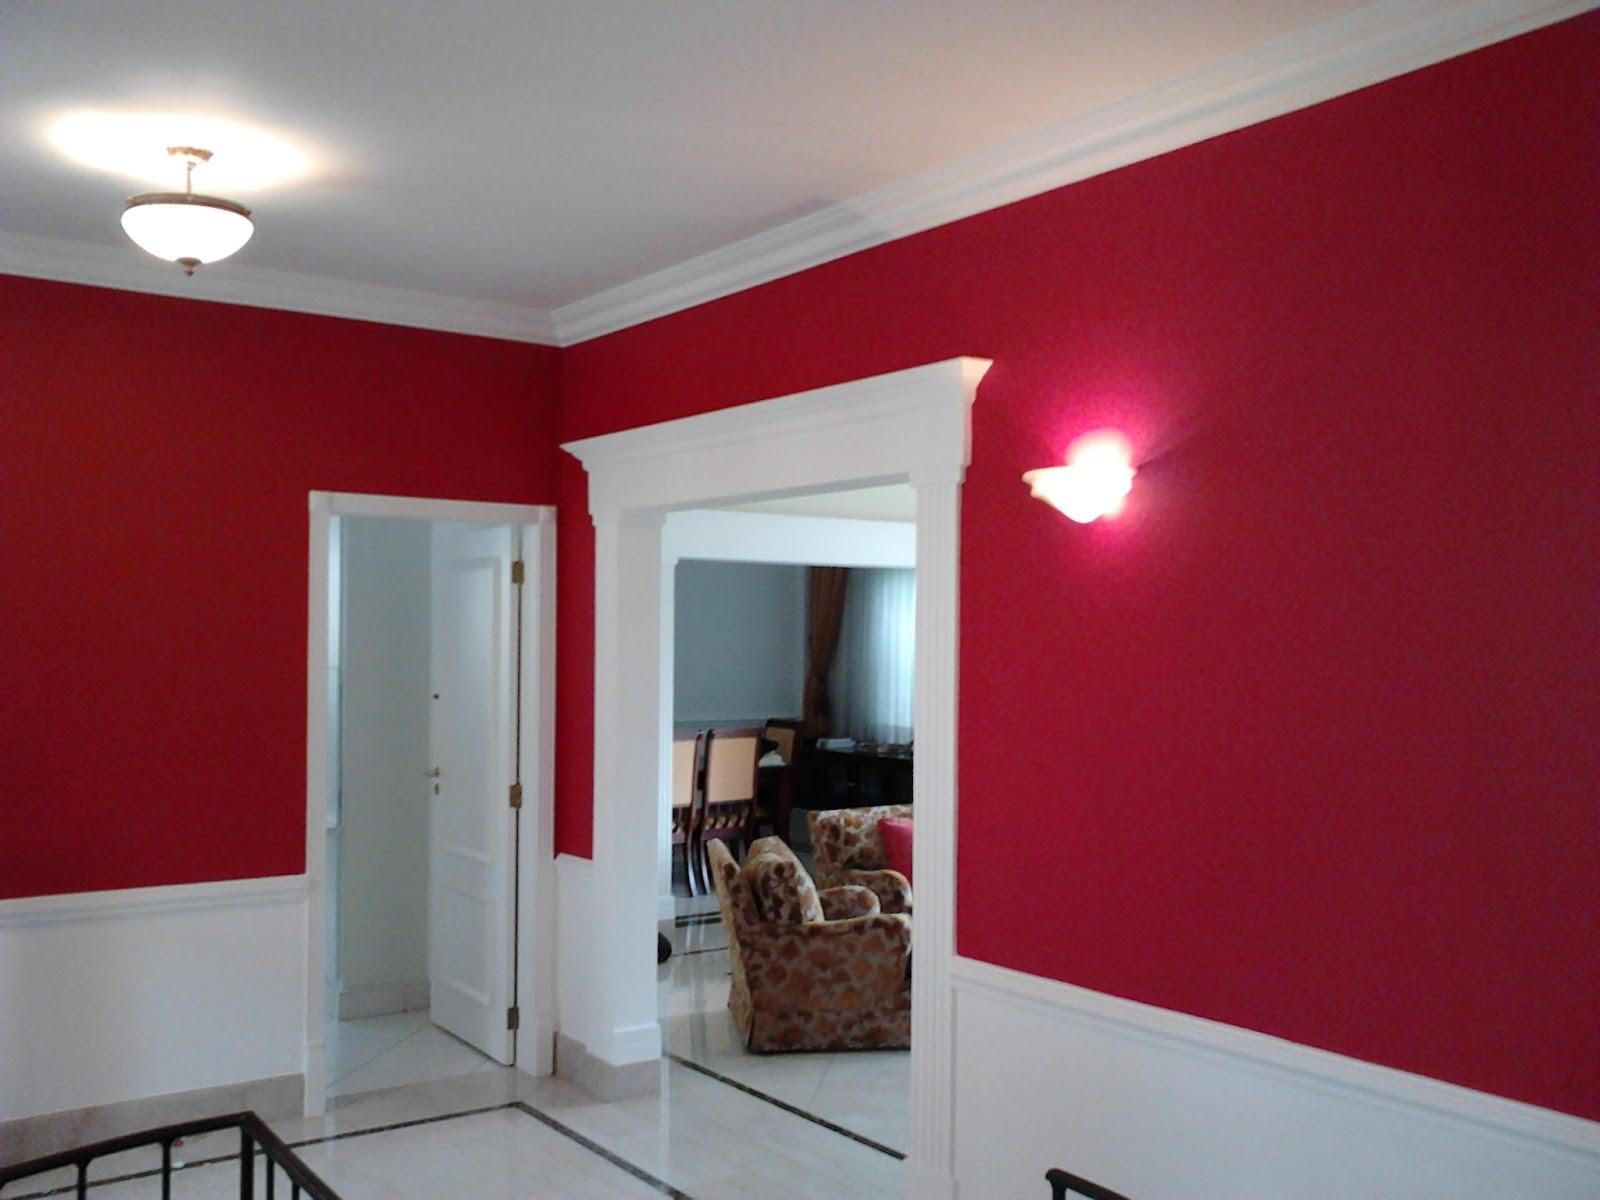 Andr pintor pintura casa na rua carlos rainaldi bairro - Pinturas modernas para casas ...